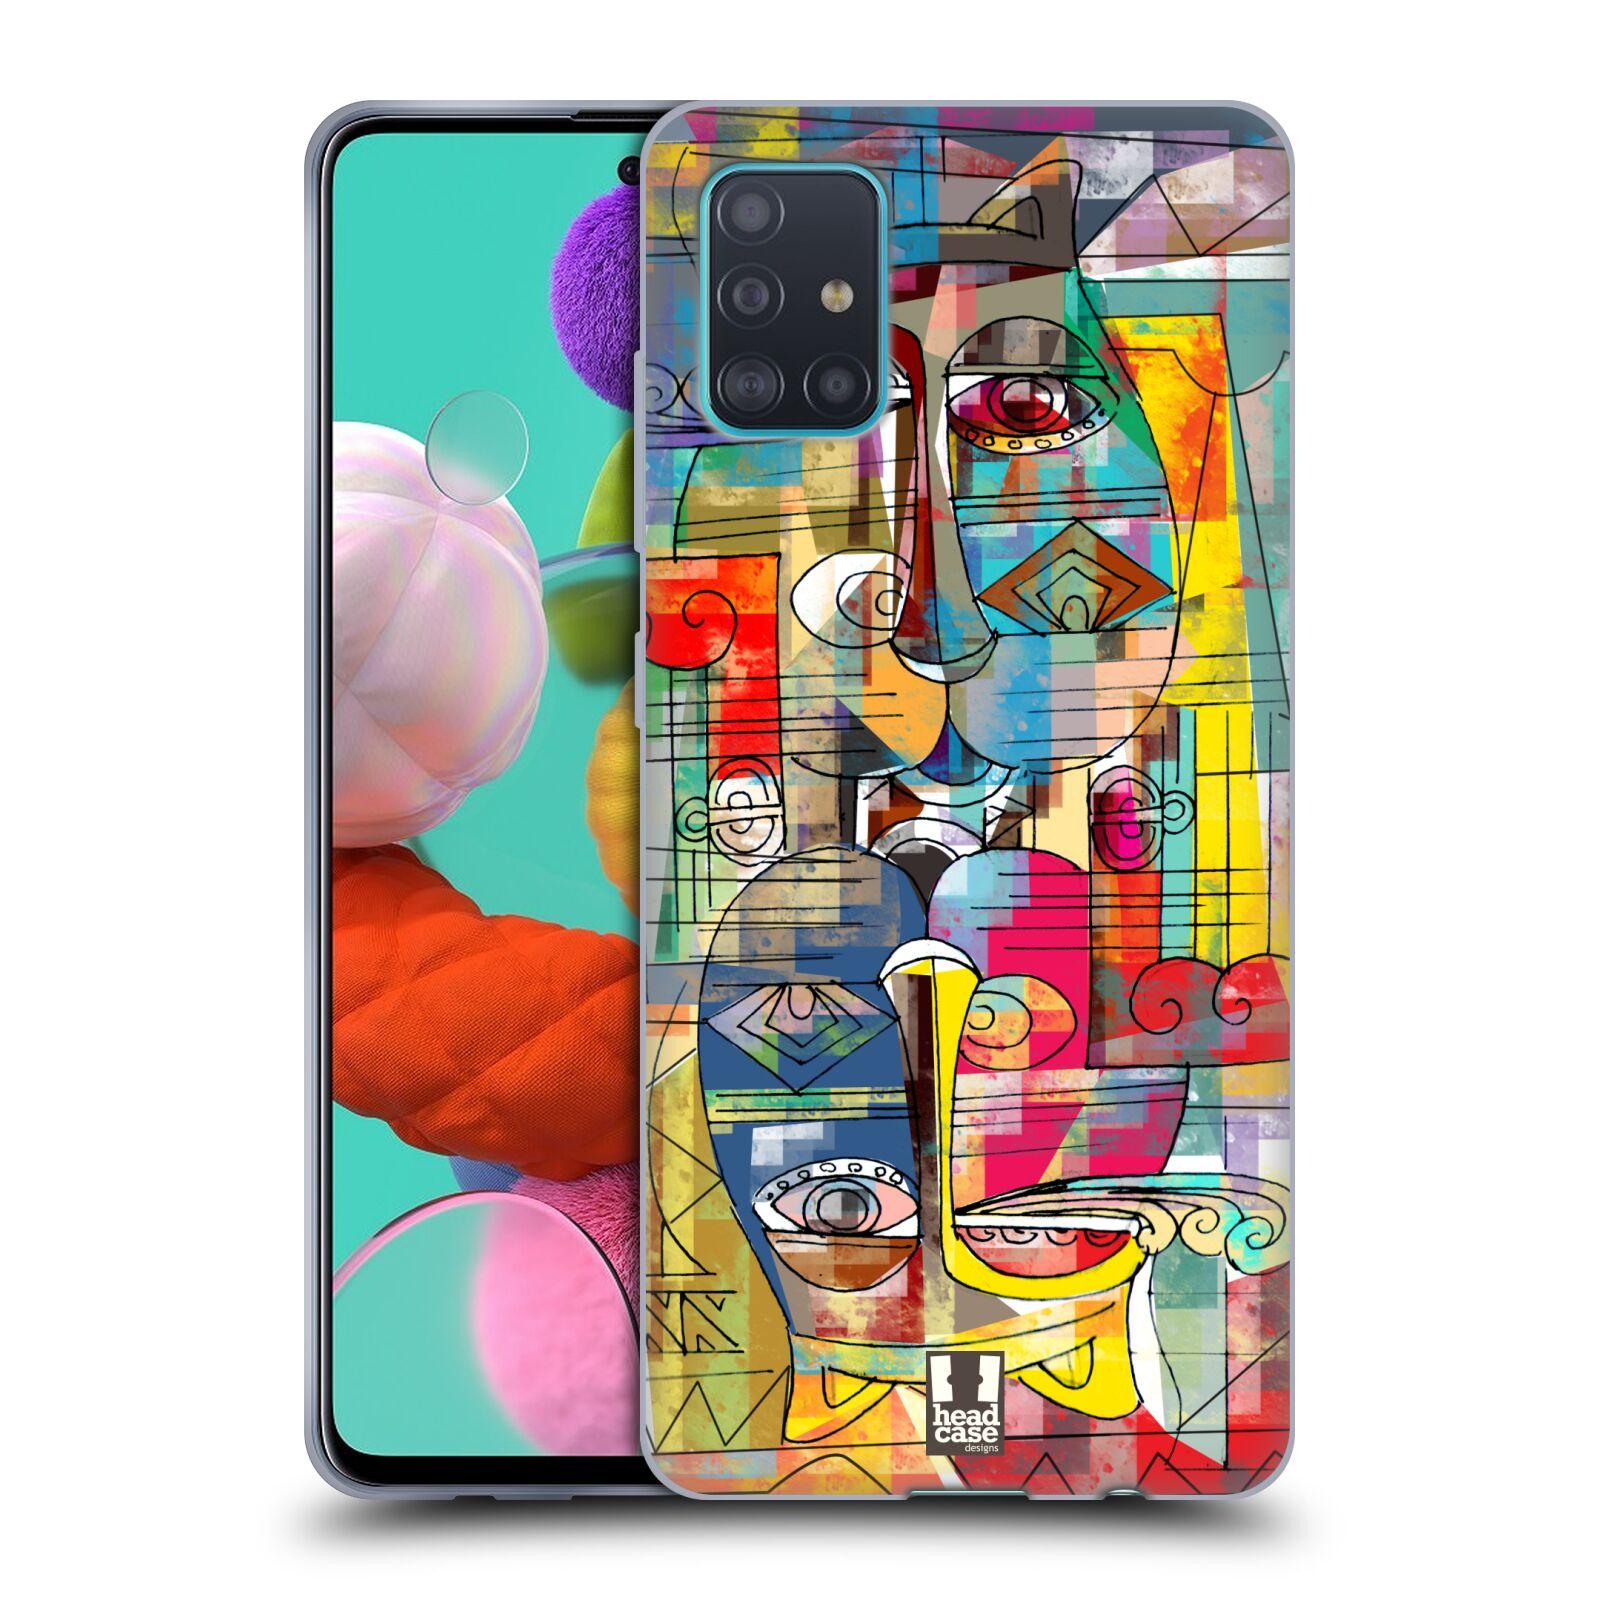 Silikonové pouzdro na mobil Samsung Galaxy A51 - Head Case - AZTEC MANX